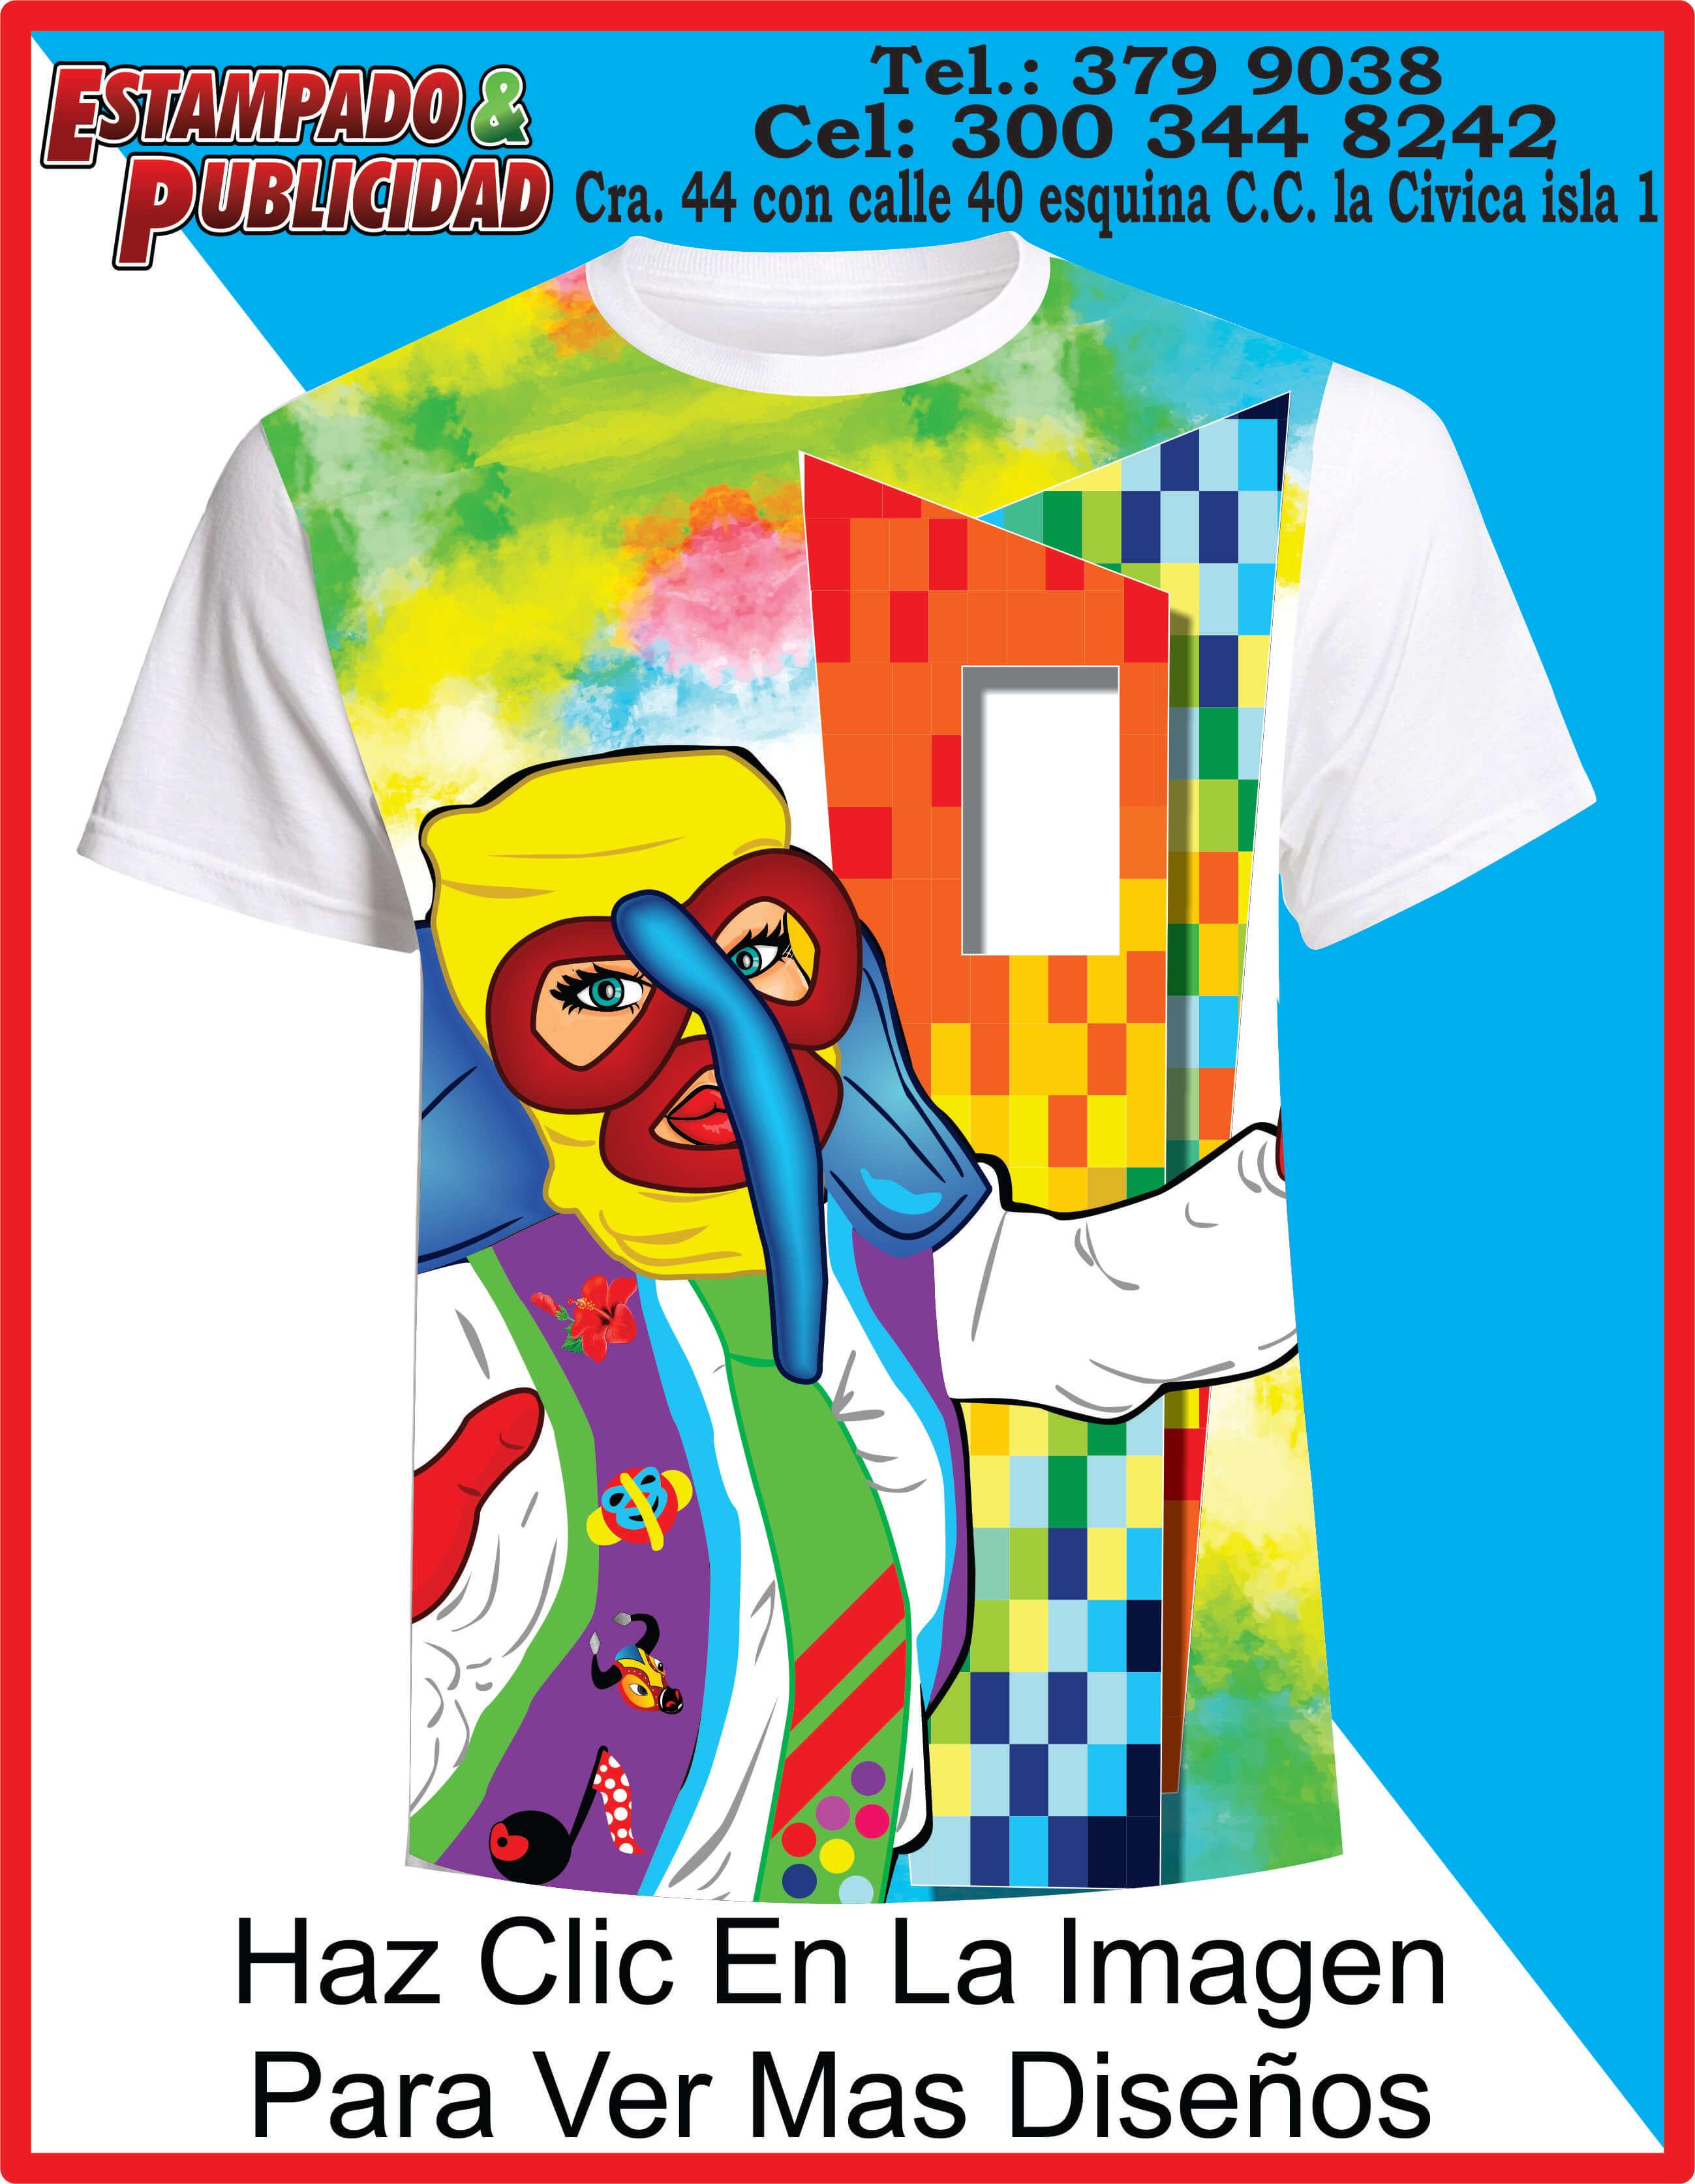 2f4a3049d73 Camisetas de carnaval 2019 ventana al mundo - Estampado y Publicidad